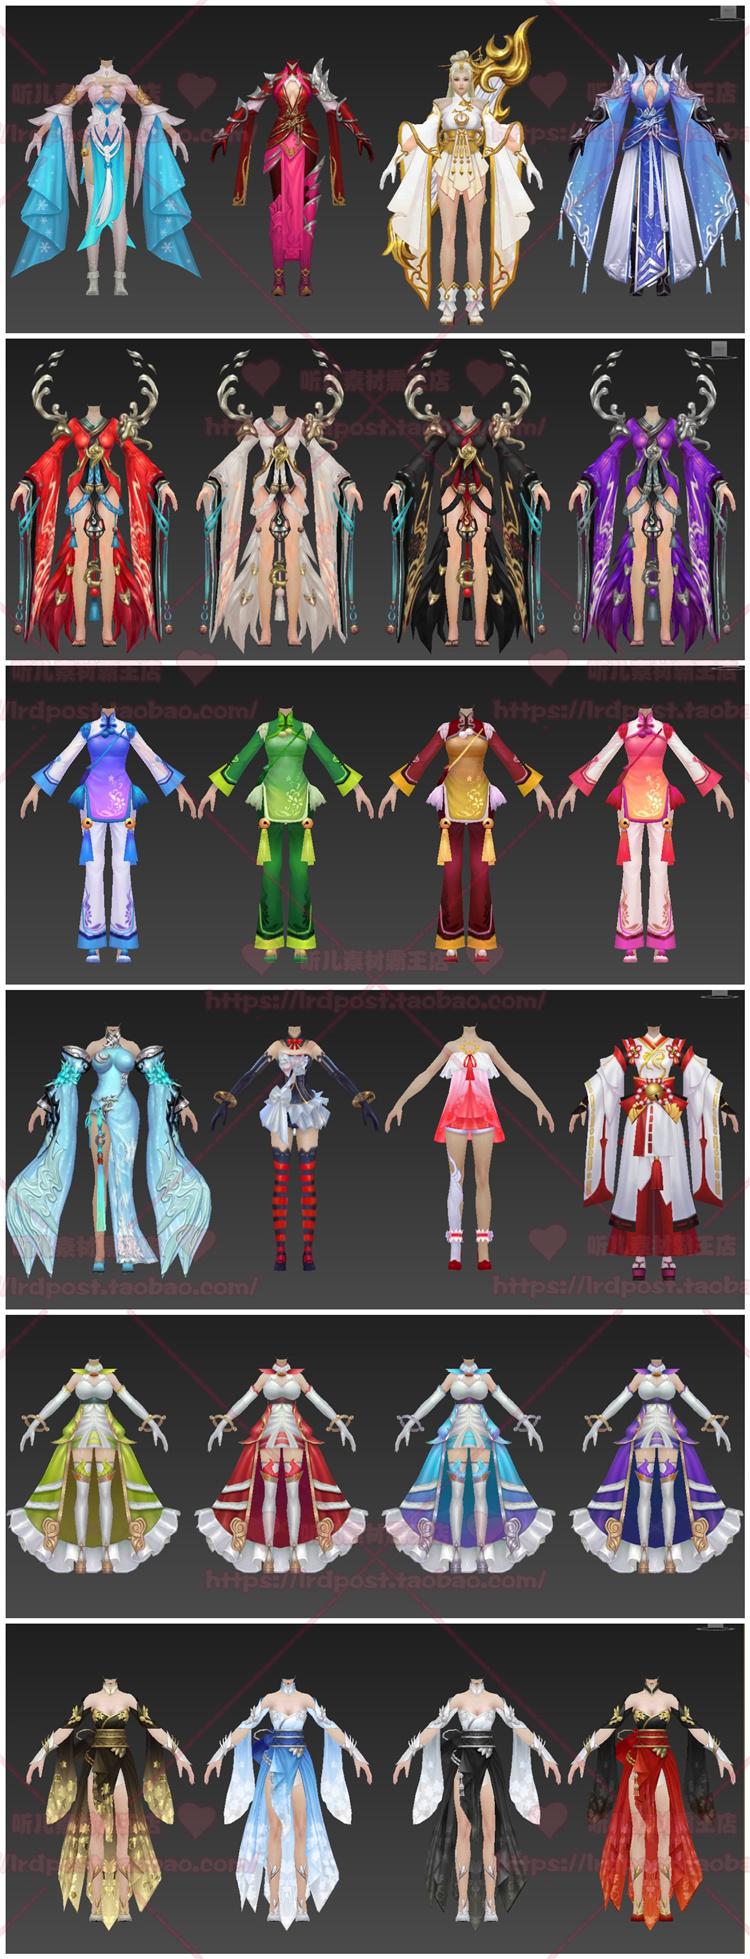 一剑问清 中国风武器宠物时装3D模型3dmax源文件 游戏美术素材